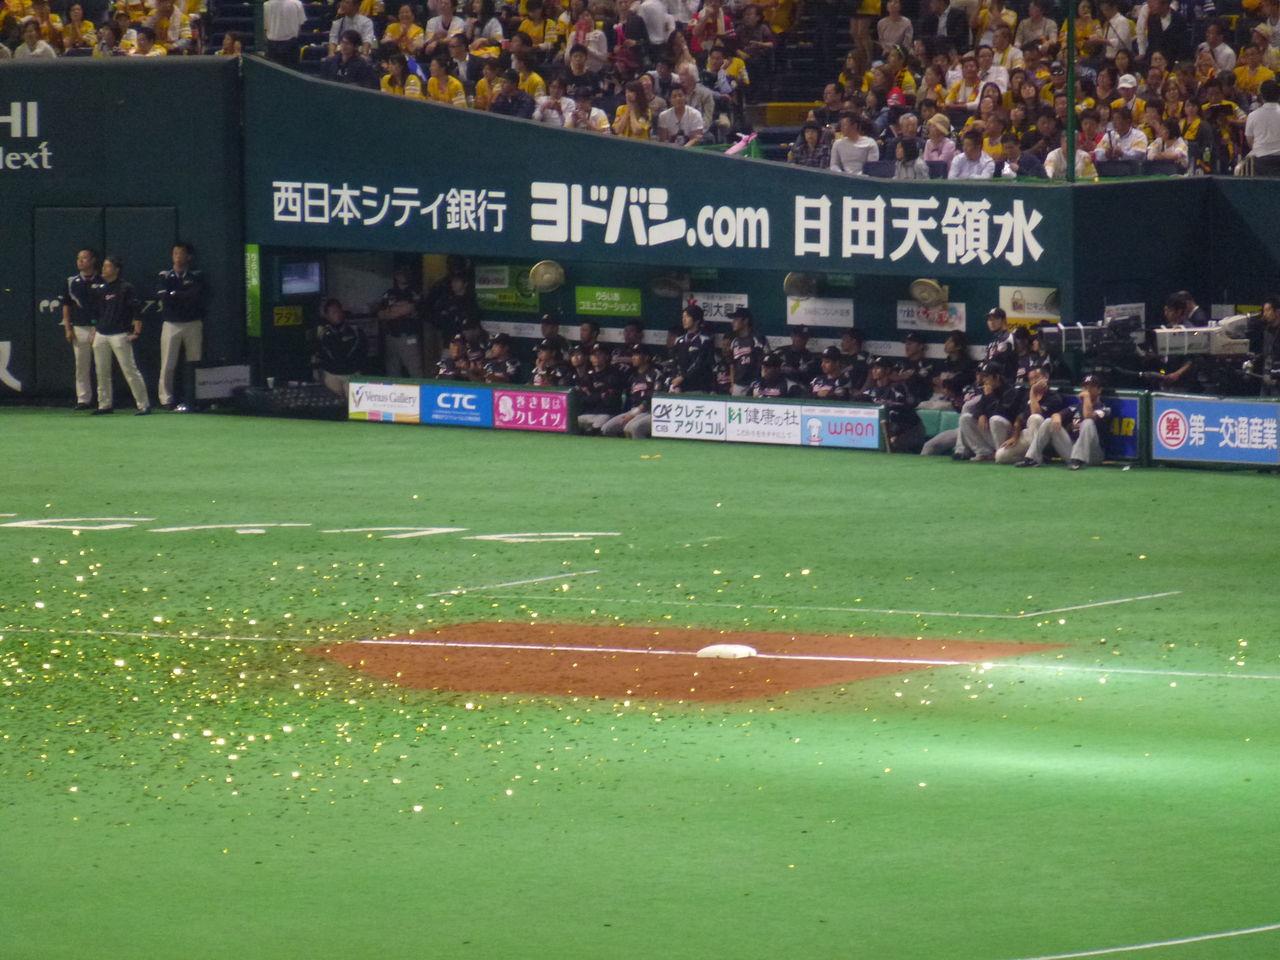 プロ野球 2016 クライマックスシリーズ 日程 チケット発売日 入手方法